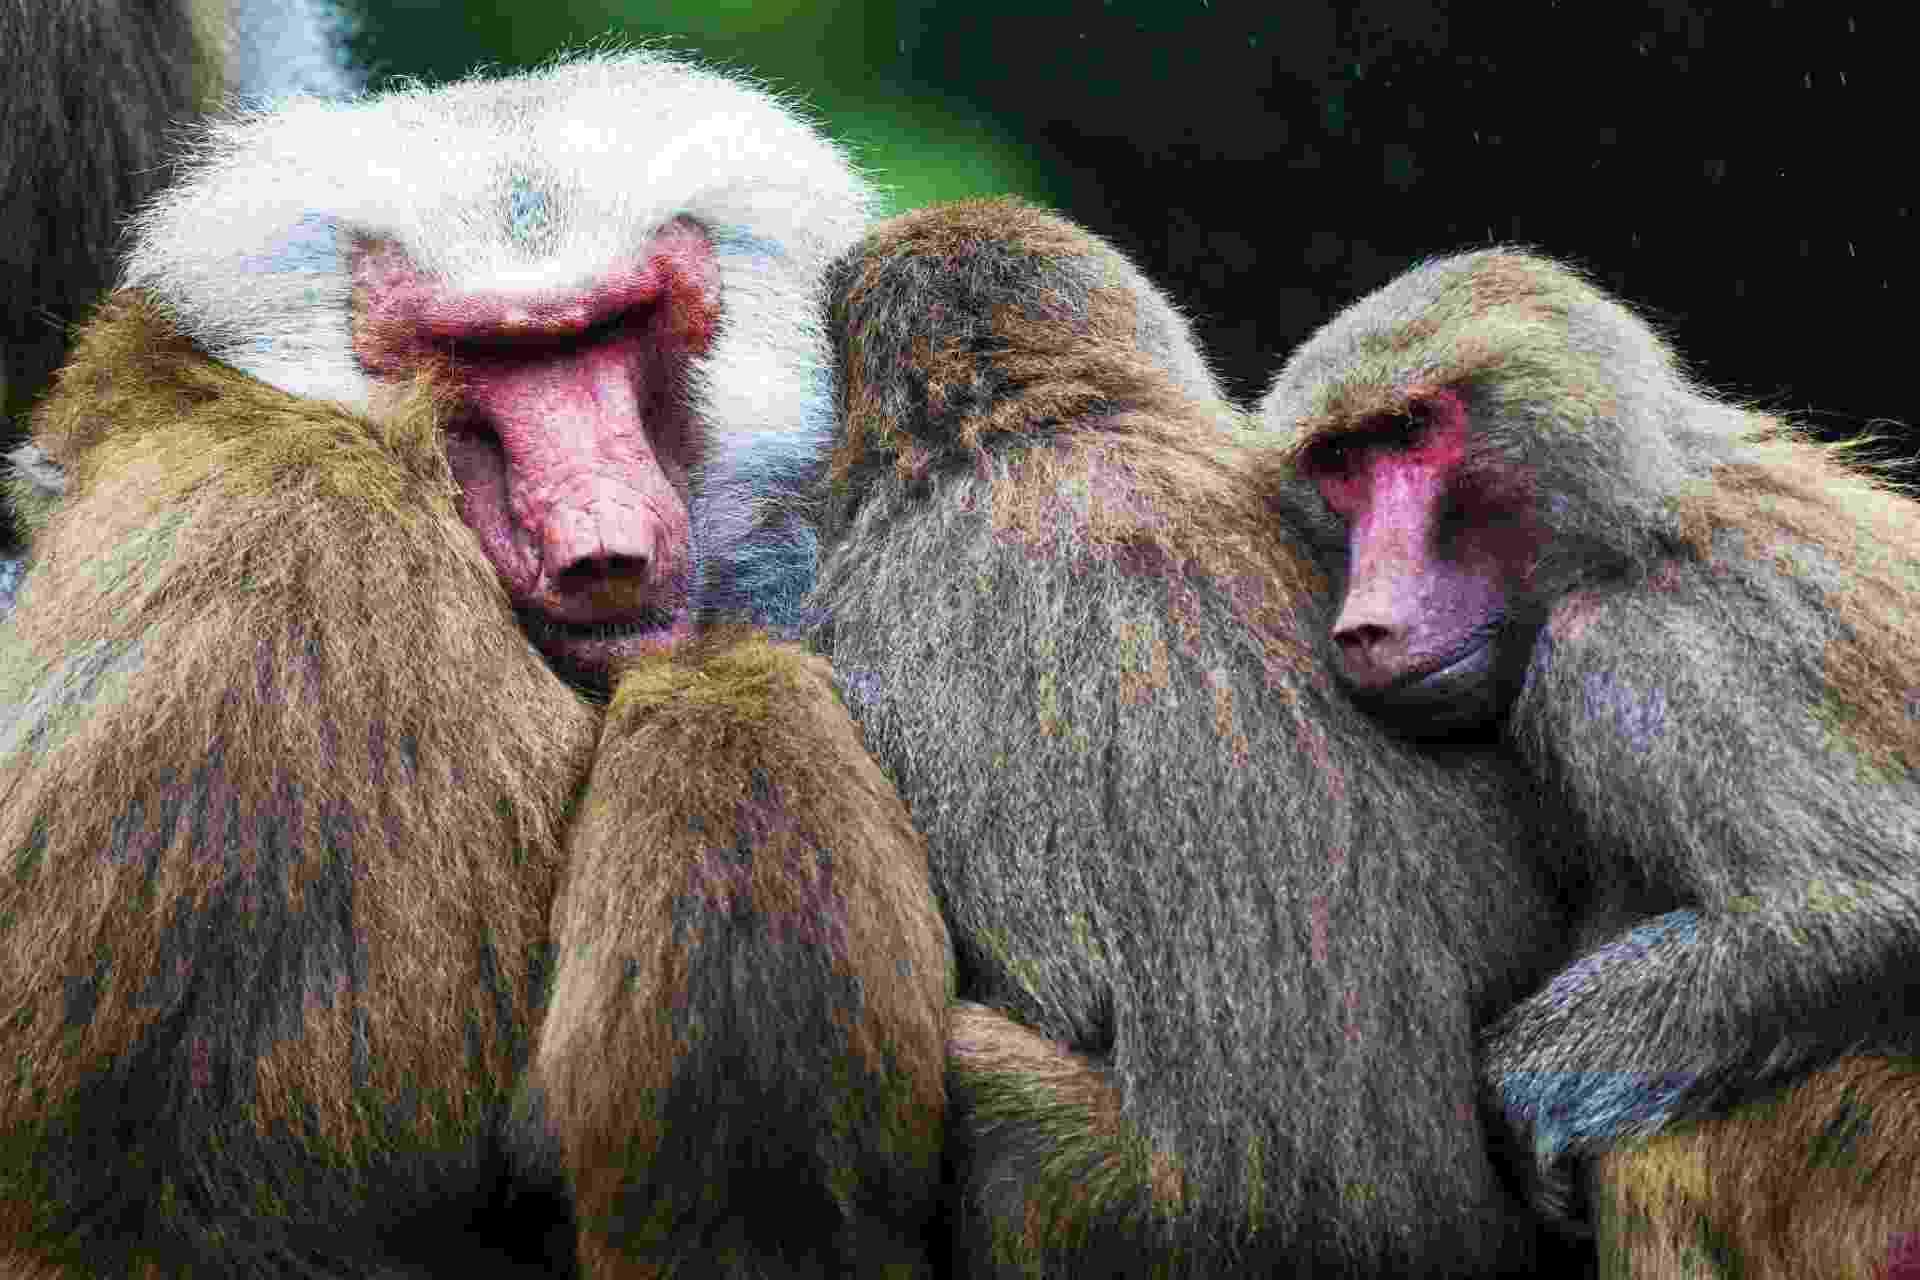 2.ago.2013 - Funcionários do zoológico de Emmen, na Holanda, estão preocupados com o comportamento dos babuínos nos últimos dias. Os 112 primatas permaneceram parados, juntos uns dos outros, sem comer ou brincar no recinto desde segunda-feira (29) - alguns voltaram a comer maças só nesta sexta-feira (2) - Vincent Jannink/Efe